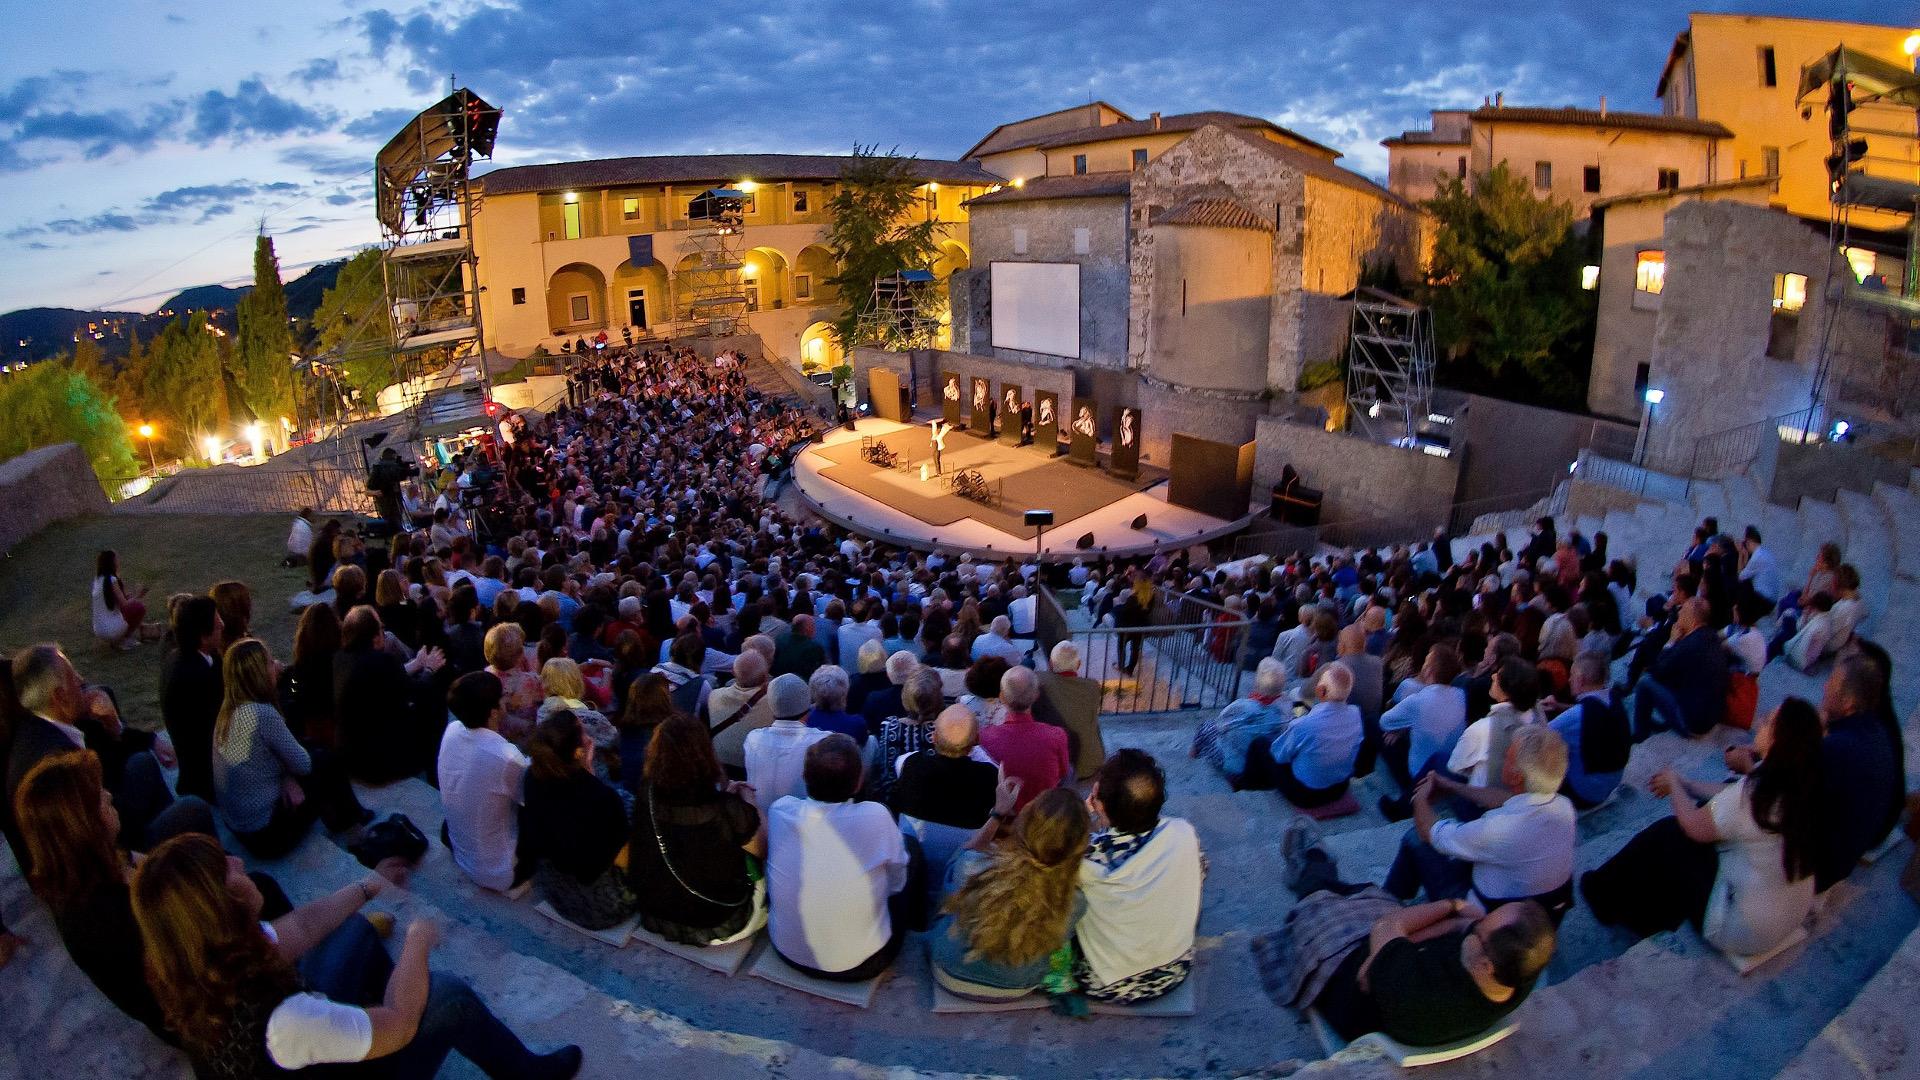 Torna il Festival dei Due Mondi, ad agosto la 63a edizione